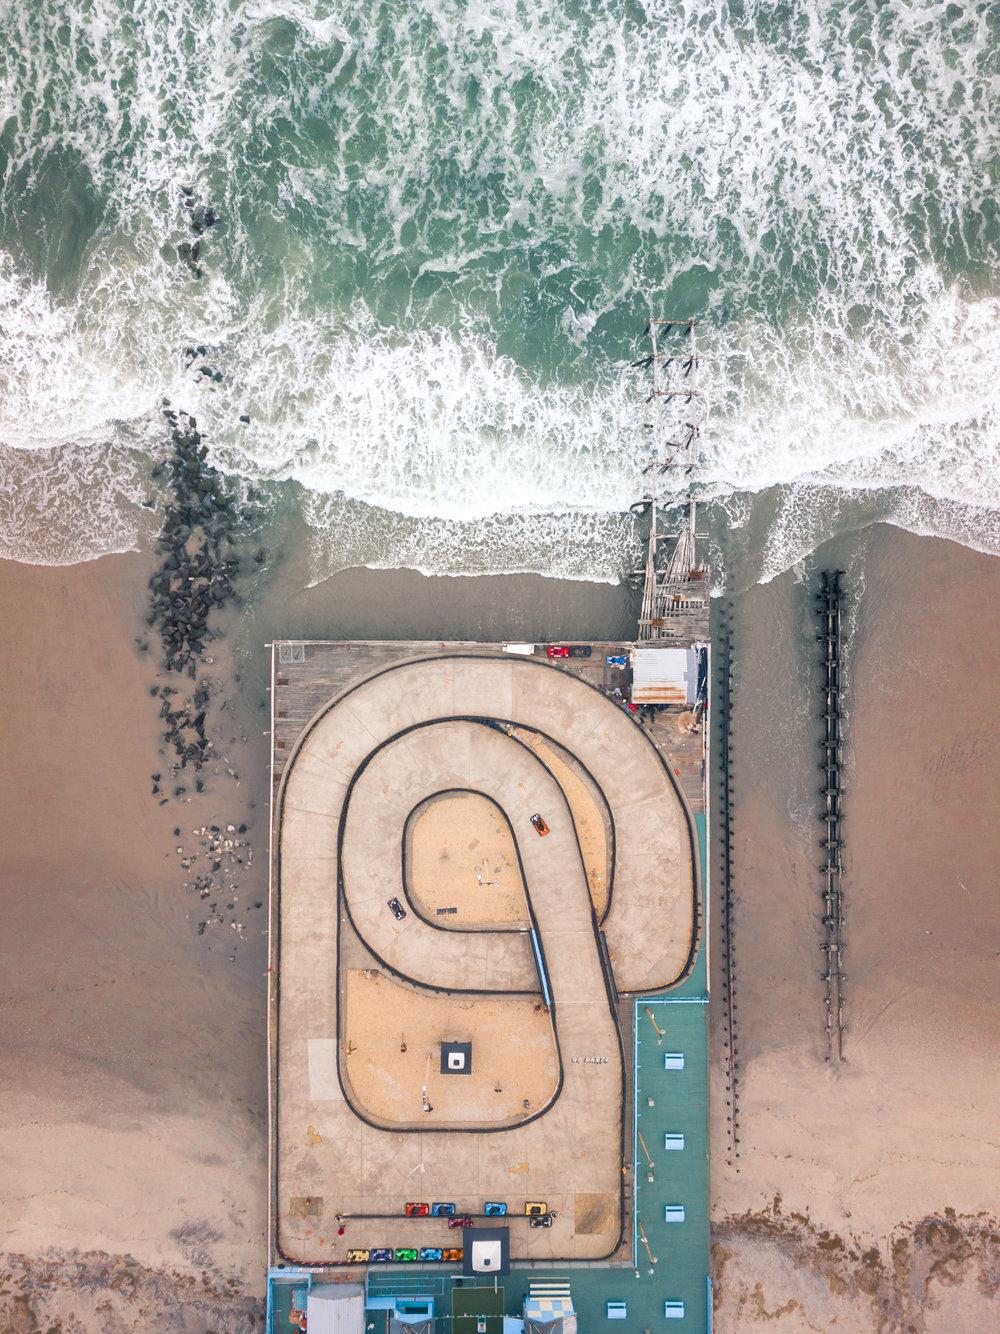 gokartsonthewater_typoland_aerial.jpg